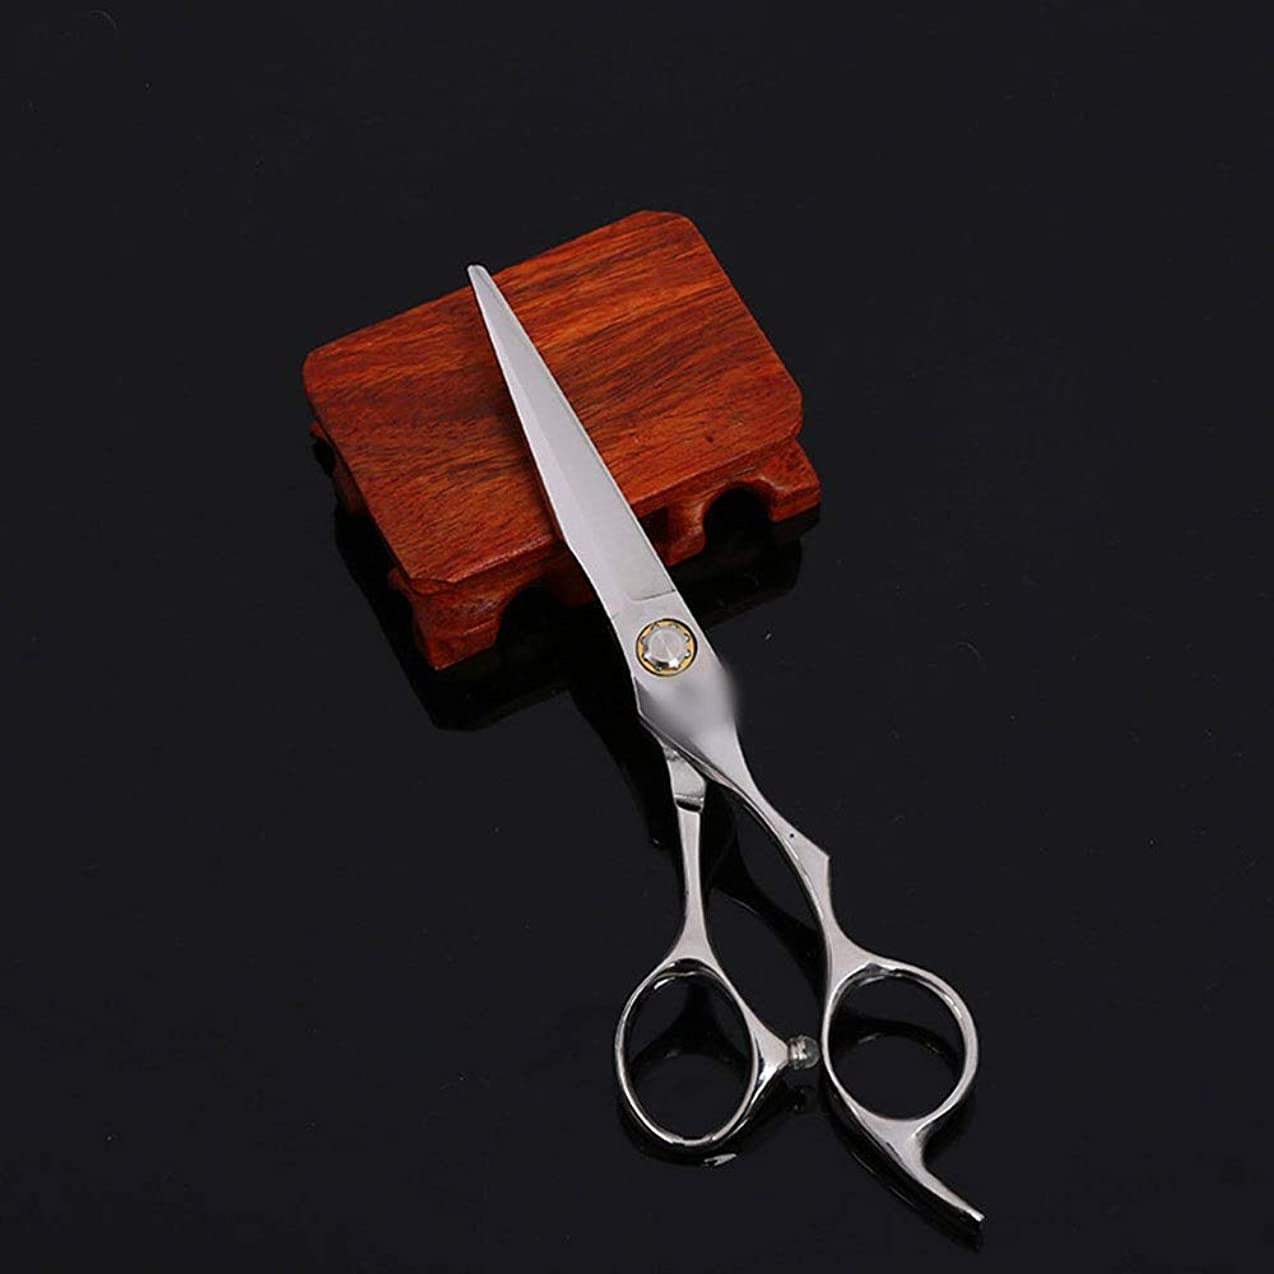 おとこエラー百万Goodsok-jp 6インチの美容院の専門の上限の理髪はさみの平らなせん断セット (色 : Silver)